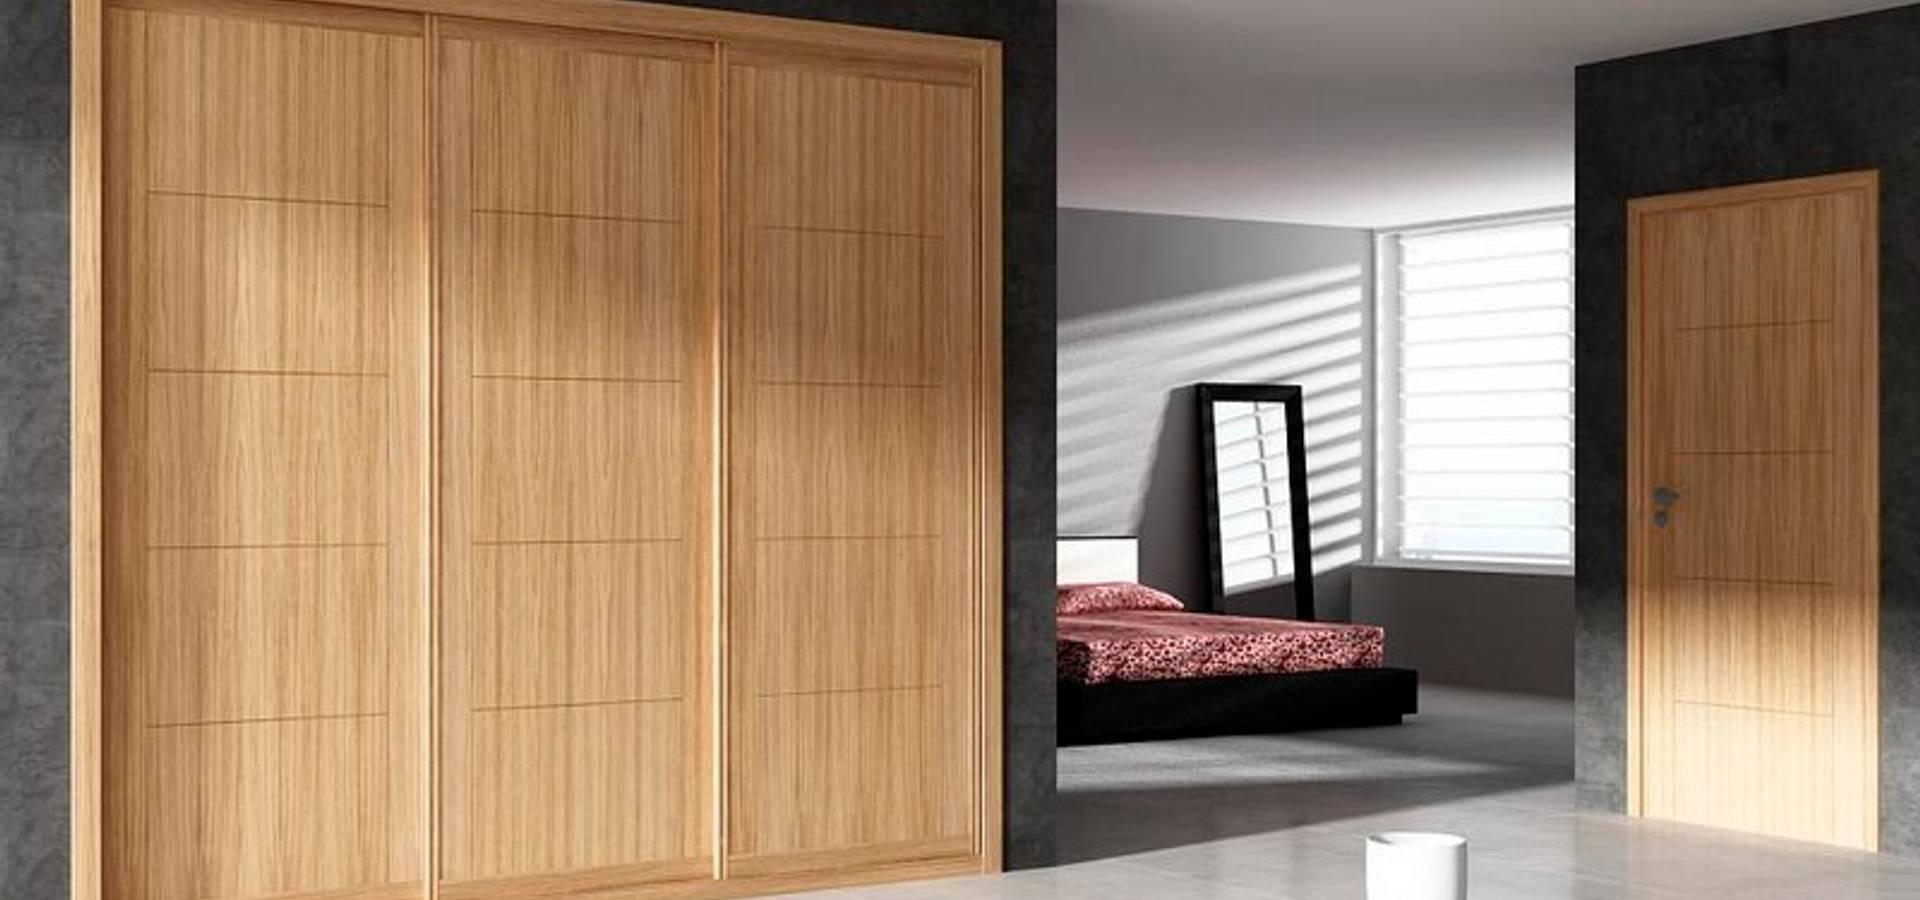 Papelhogar sl decoradores y dise adores de interiores en - Decoradores de interiores madrid ...